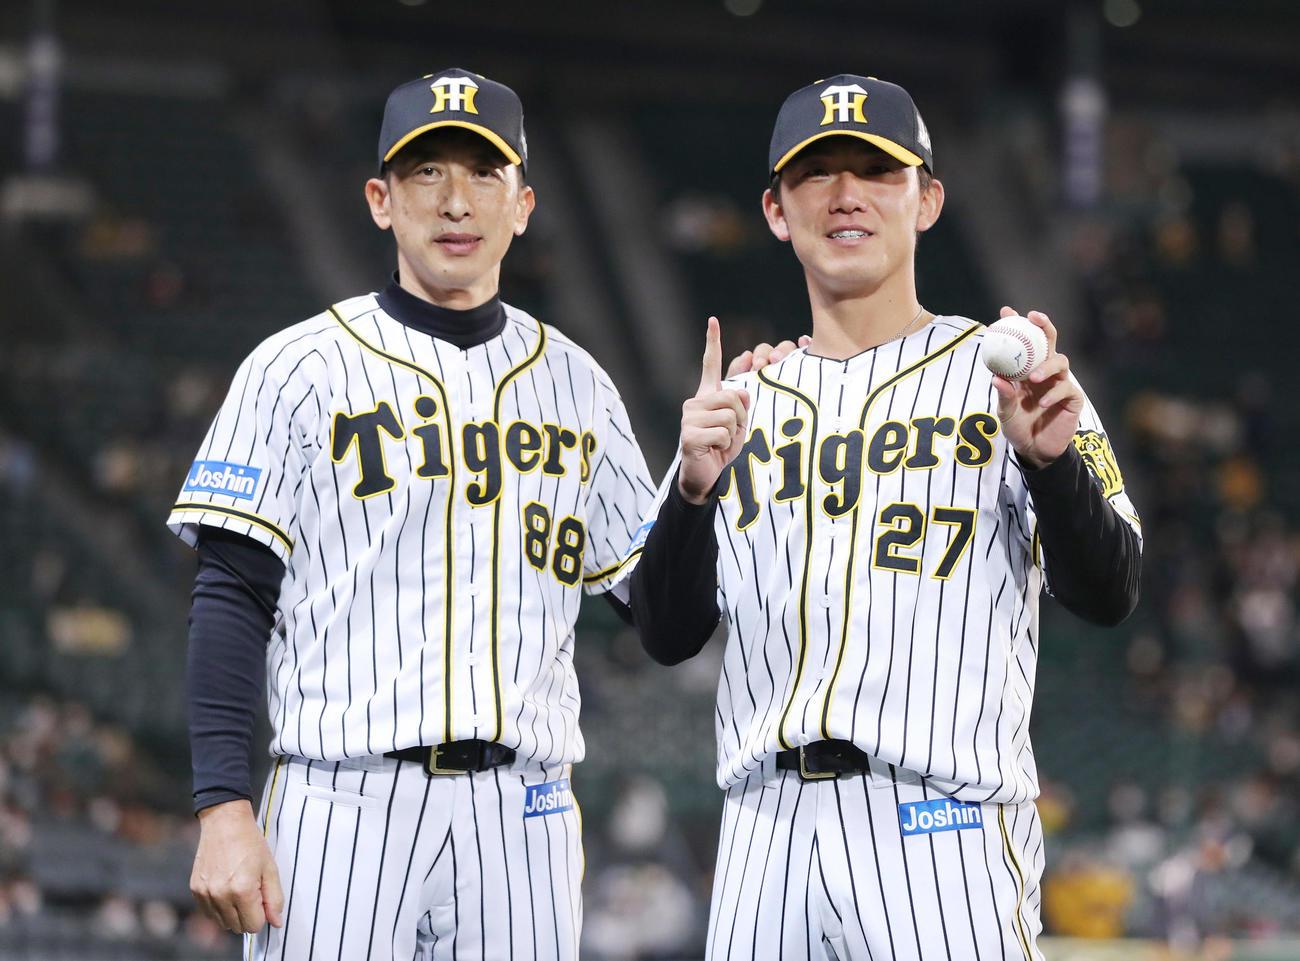 阪神対巨人 プロ初勝利を挙げた伊藤将(右)。左は祝福する矢野監督(撮影・前田充)